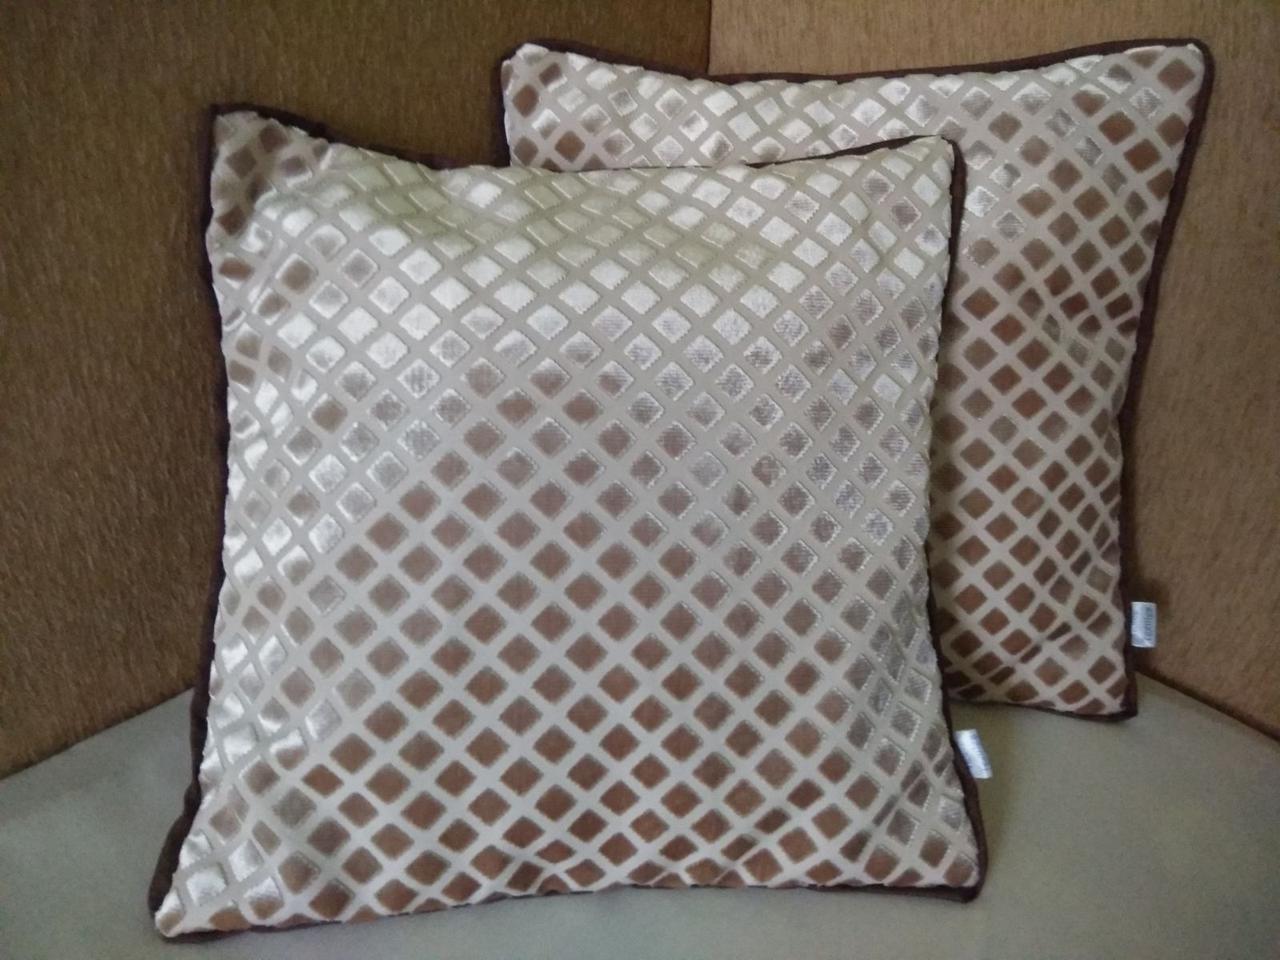 Наволочки квадратні для декоративної подушки 40*40. Комплект 2 шт